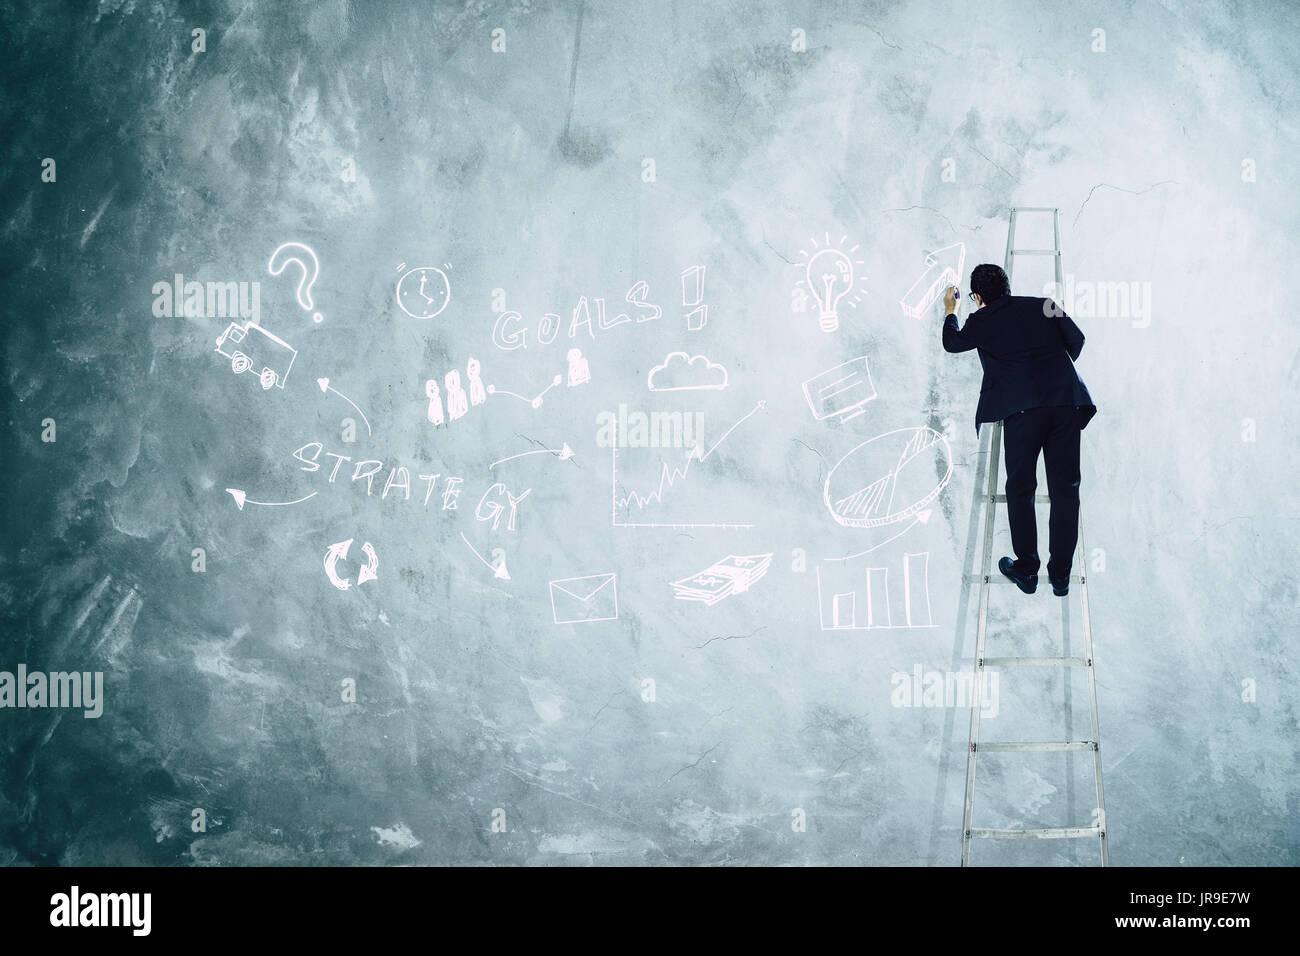 Gli uomini lo sviluppo di disegno grafico strategia sul muro grigio . Immagini Stock